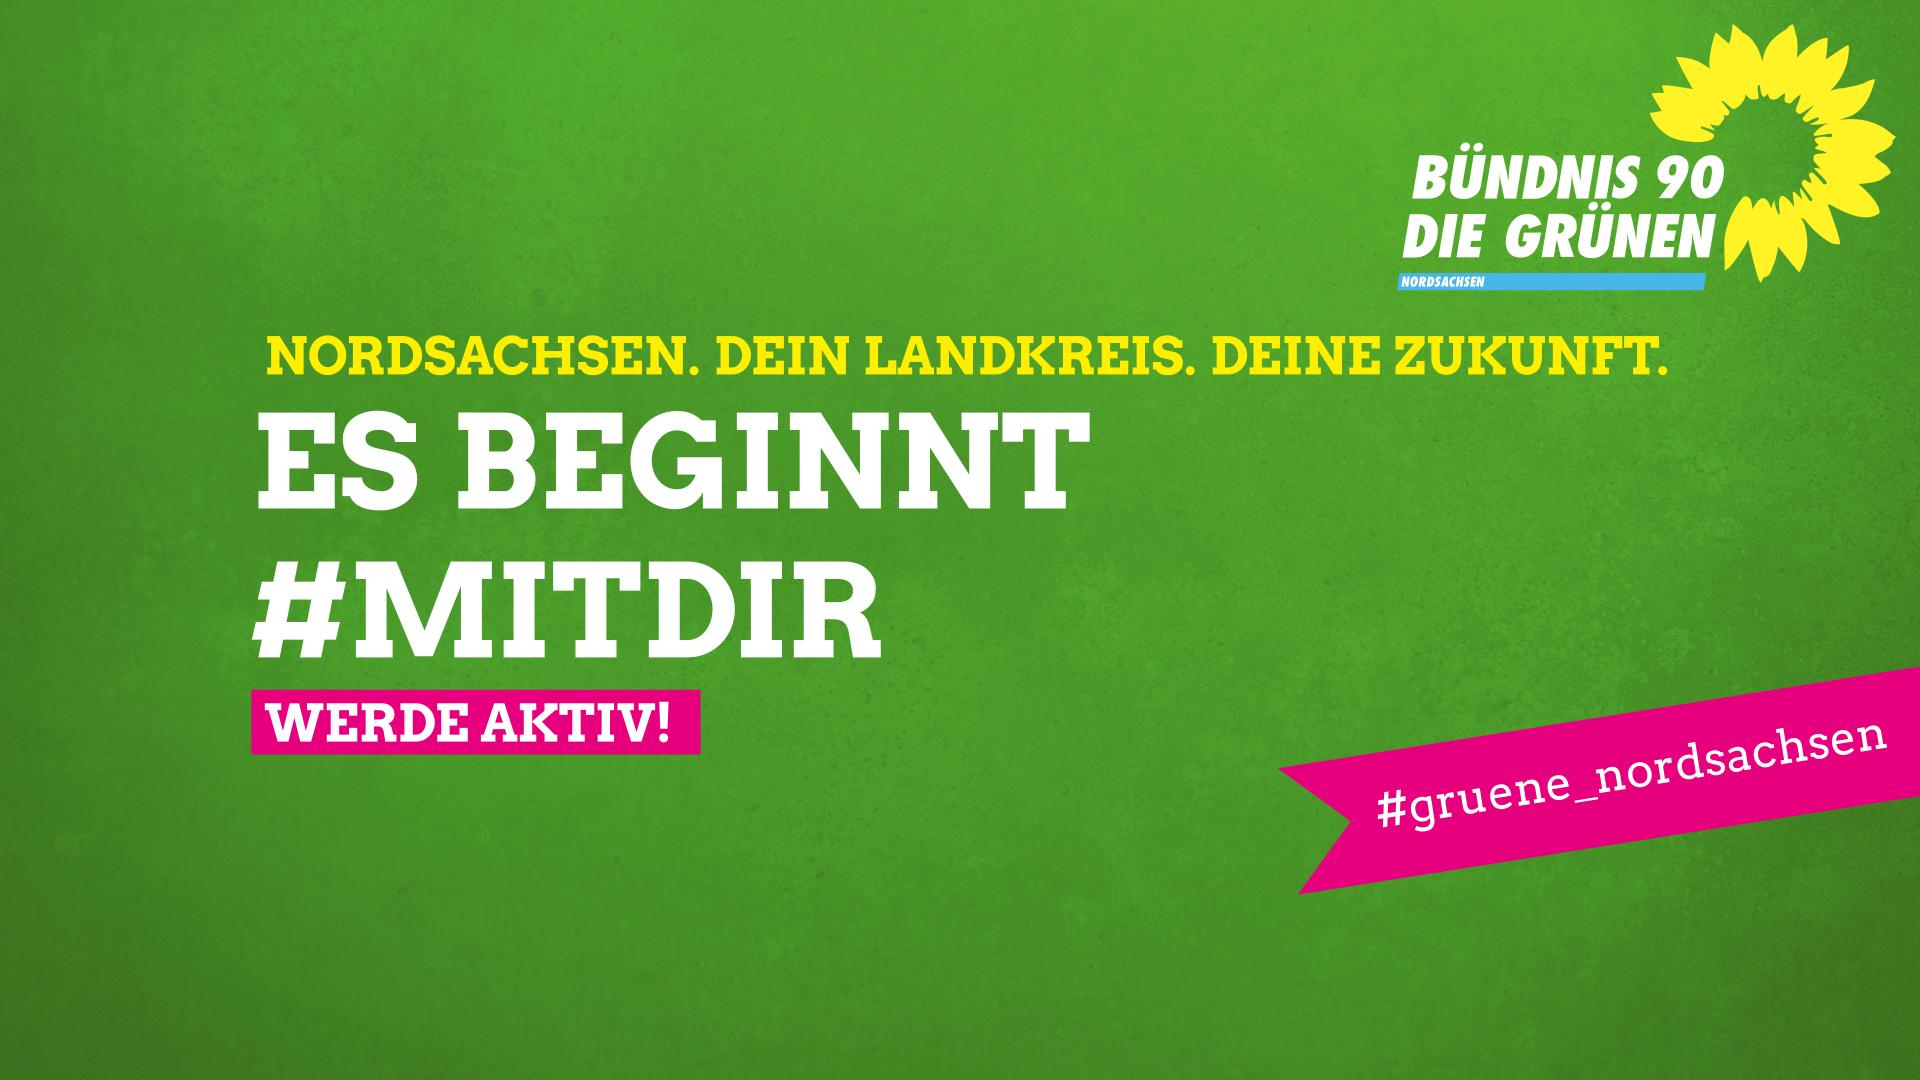 #gruene_nordsachsen